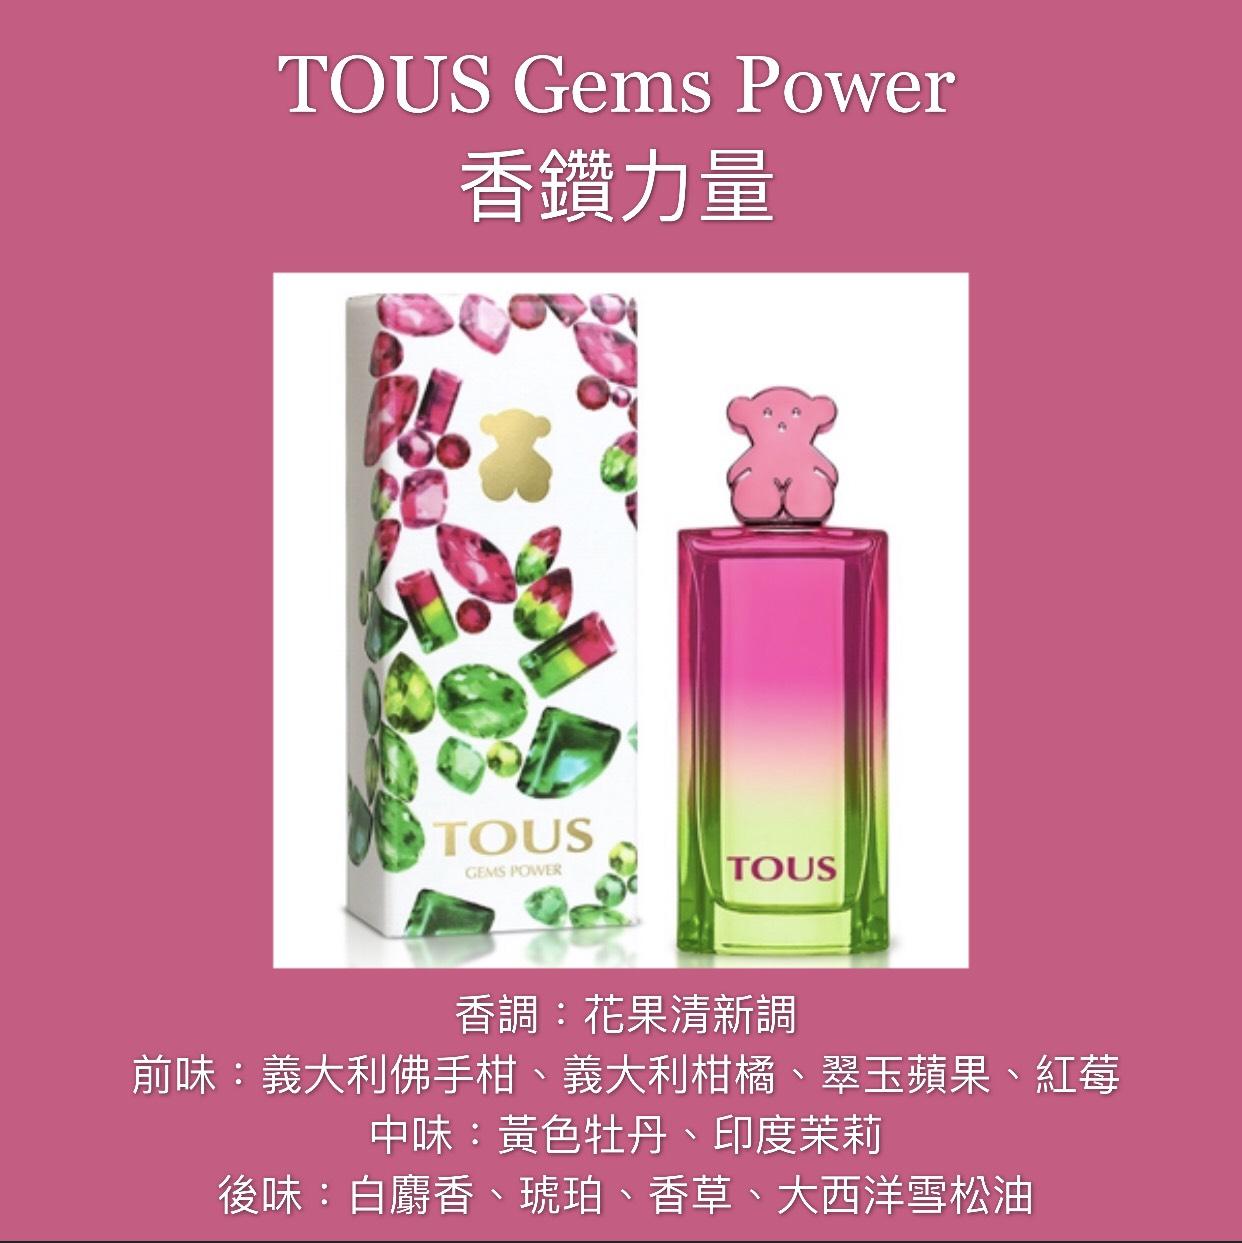 【香舍】TOUS Gems Power 香鑽力量 女性淡香水 4.5ML